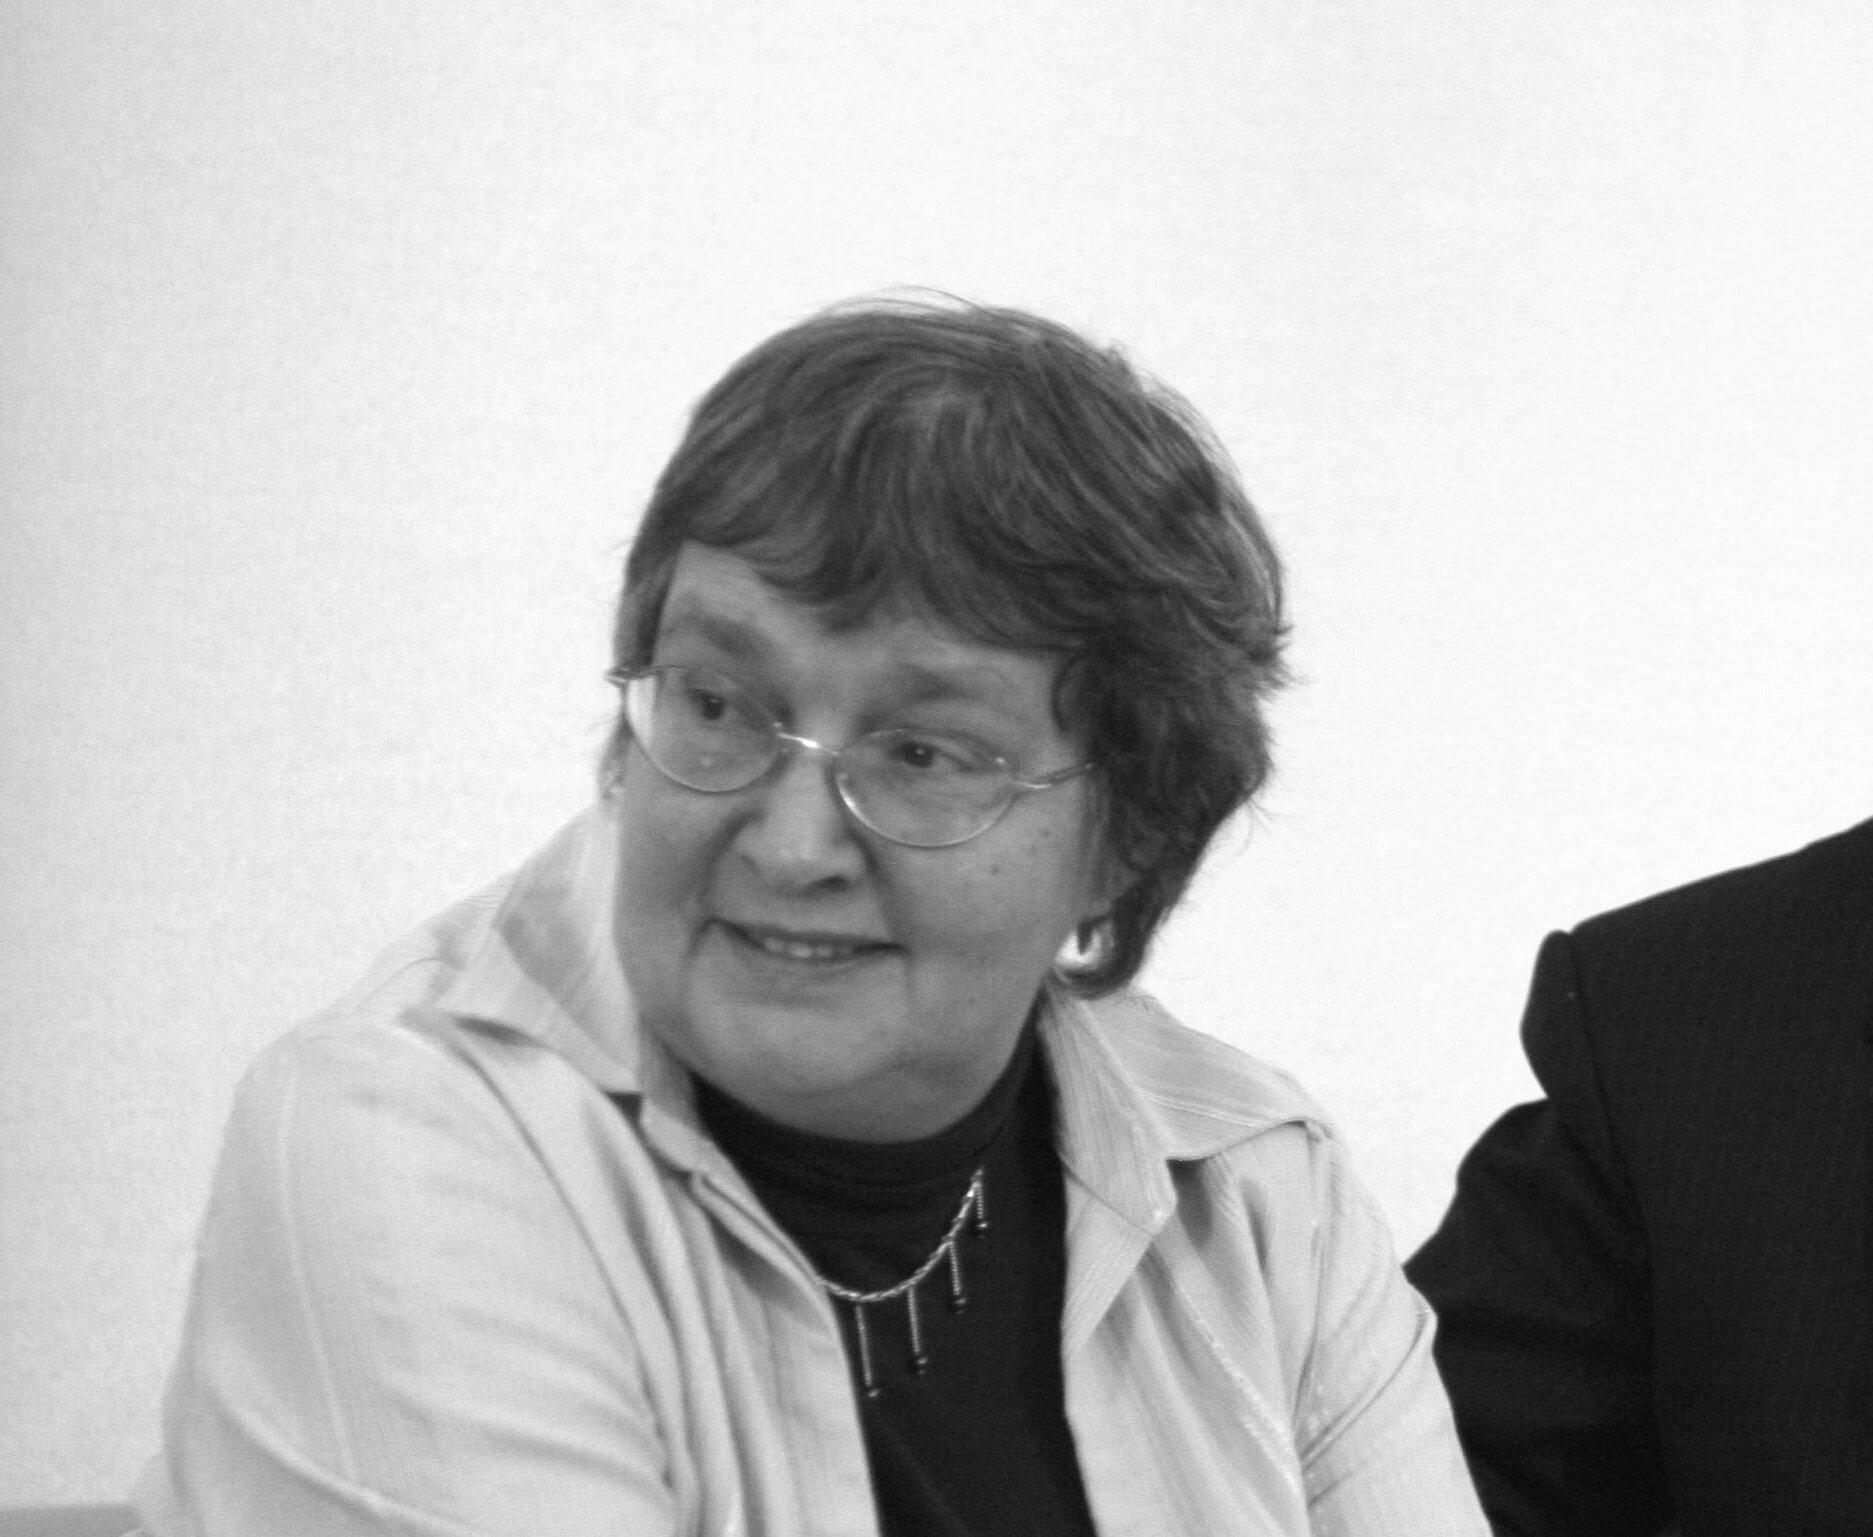 Olga Johann – warszawska radna Prawa i Sprawiedliwości. Była wiceprzewodniczącą rady miasta, walczyła między innymi o dekomunizację stołecznych nazw ulic. Zmarła 5 kwietnia 2017 r.